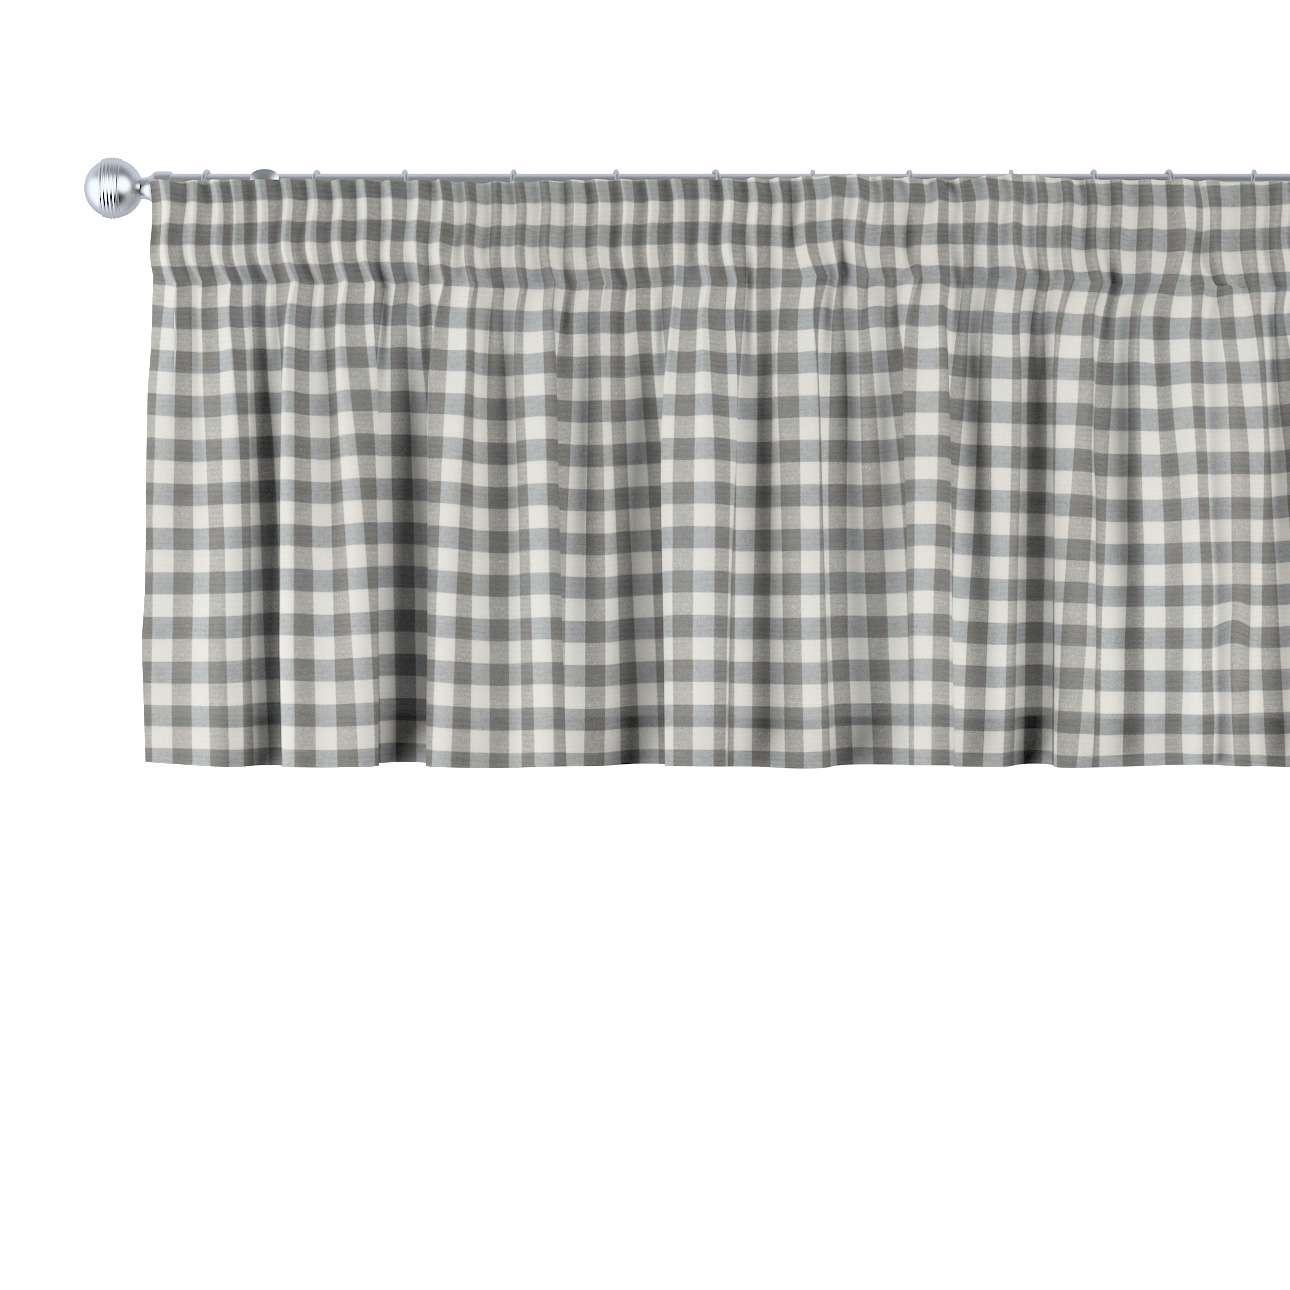 Trumpa užuolaidėlė (lambrekenas) pieštukinis klostavimas 130 x 40 cm kolekcijoje Quadro, audinys: 136-11